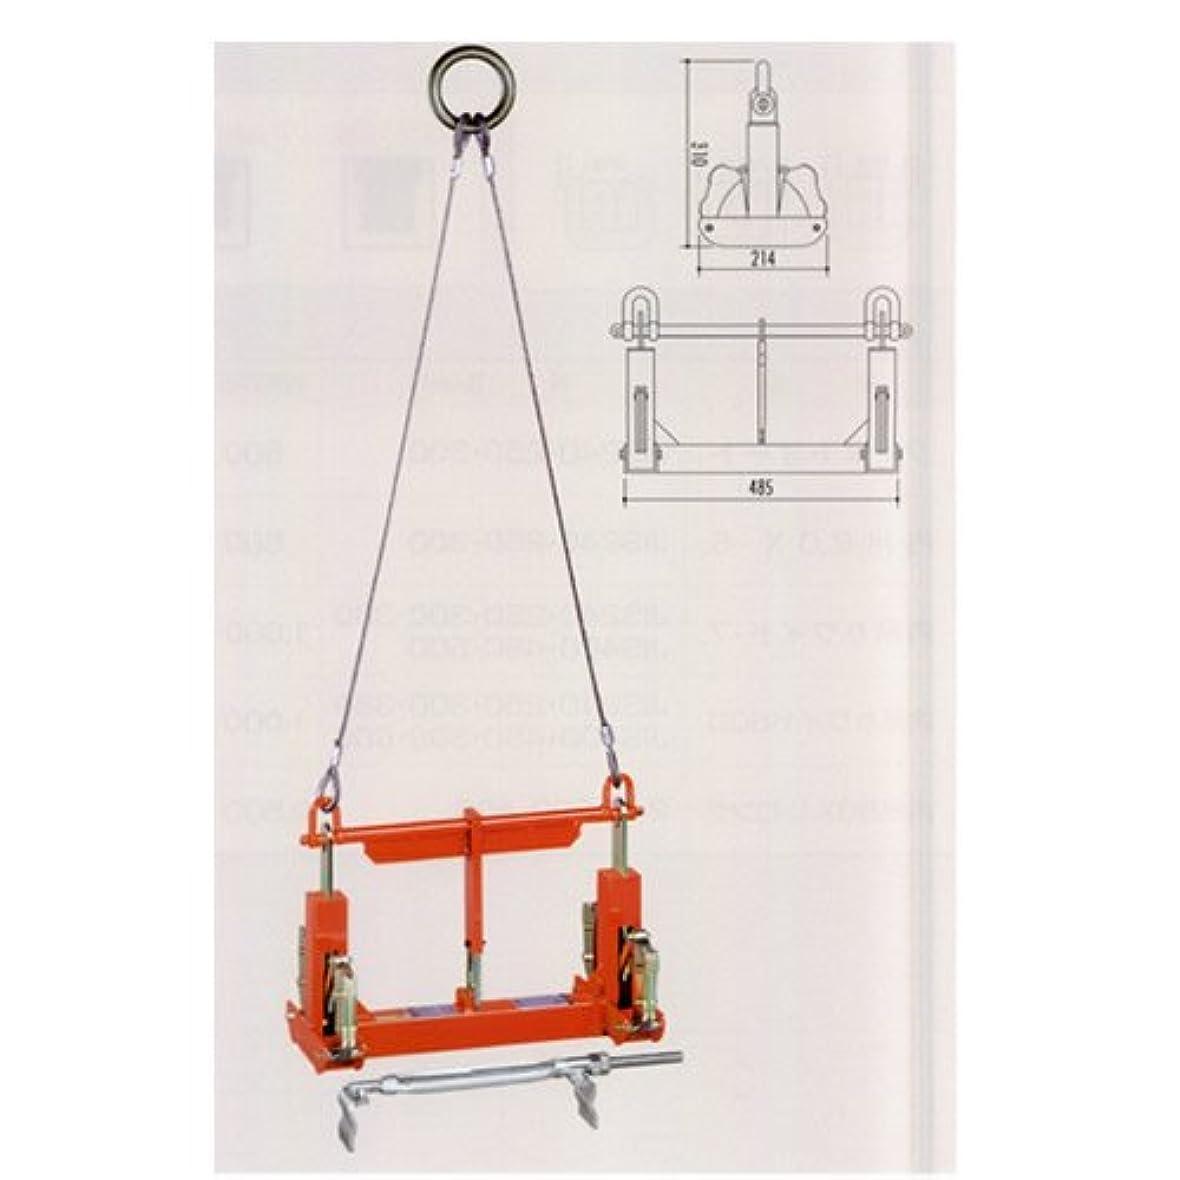 アフリカいろいろイブニングU字溝の吊上げ工具 内吊ジャスト300オート サンキョウ?トレーディング